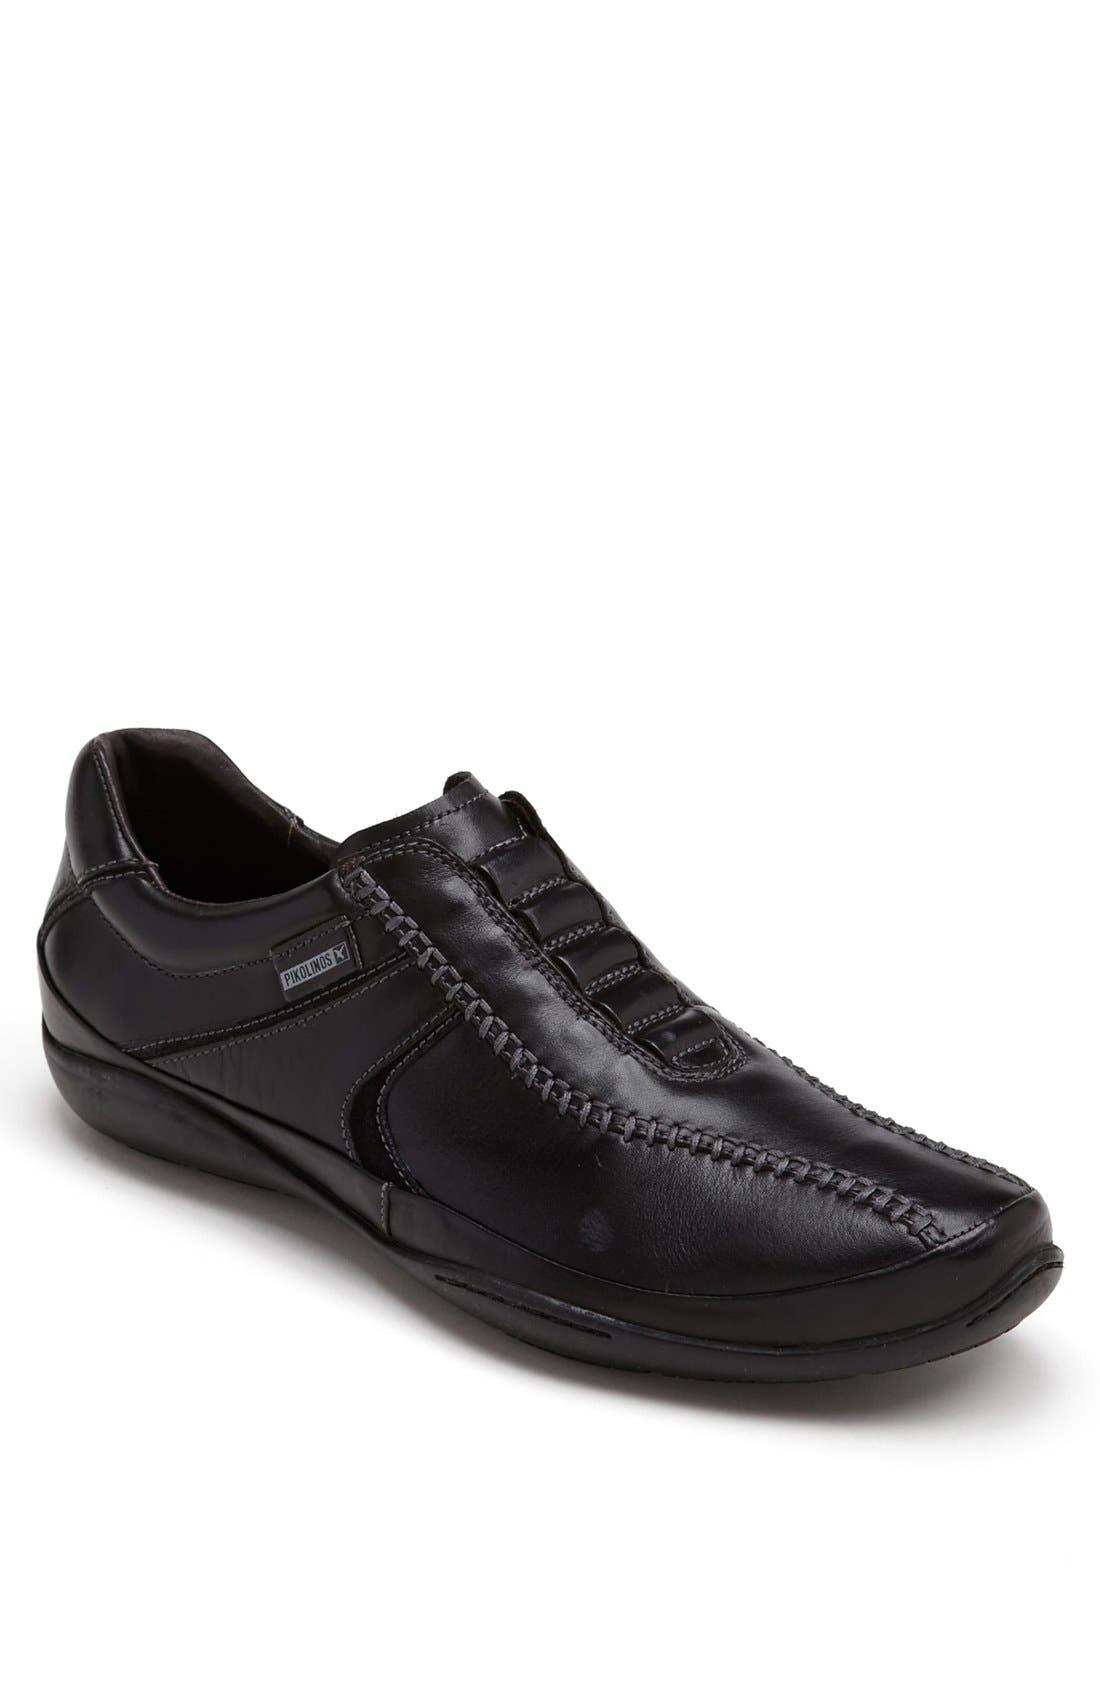 Main Image - PIKOLINOS 'Suecia' Sneaker